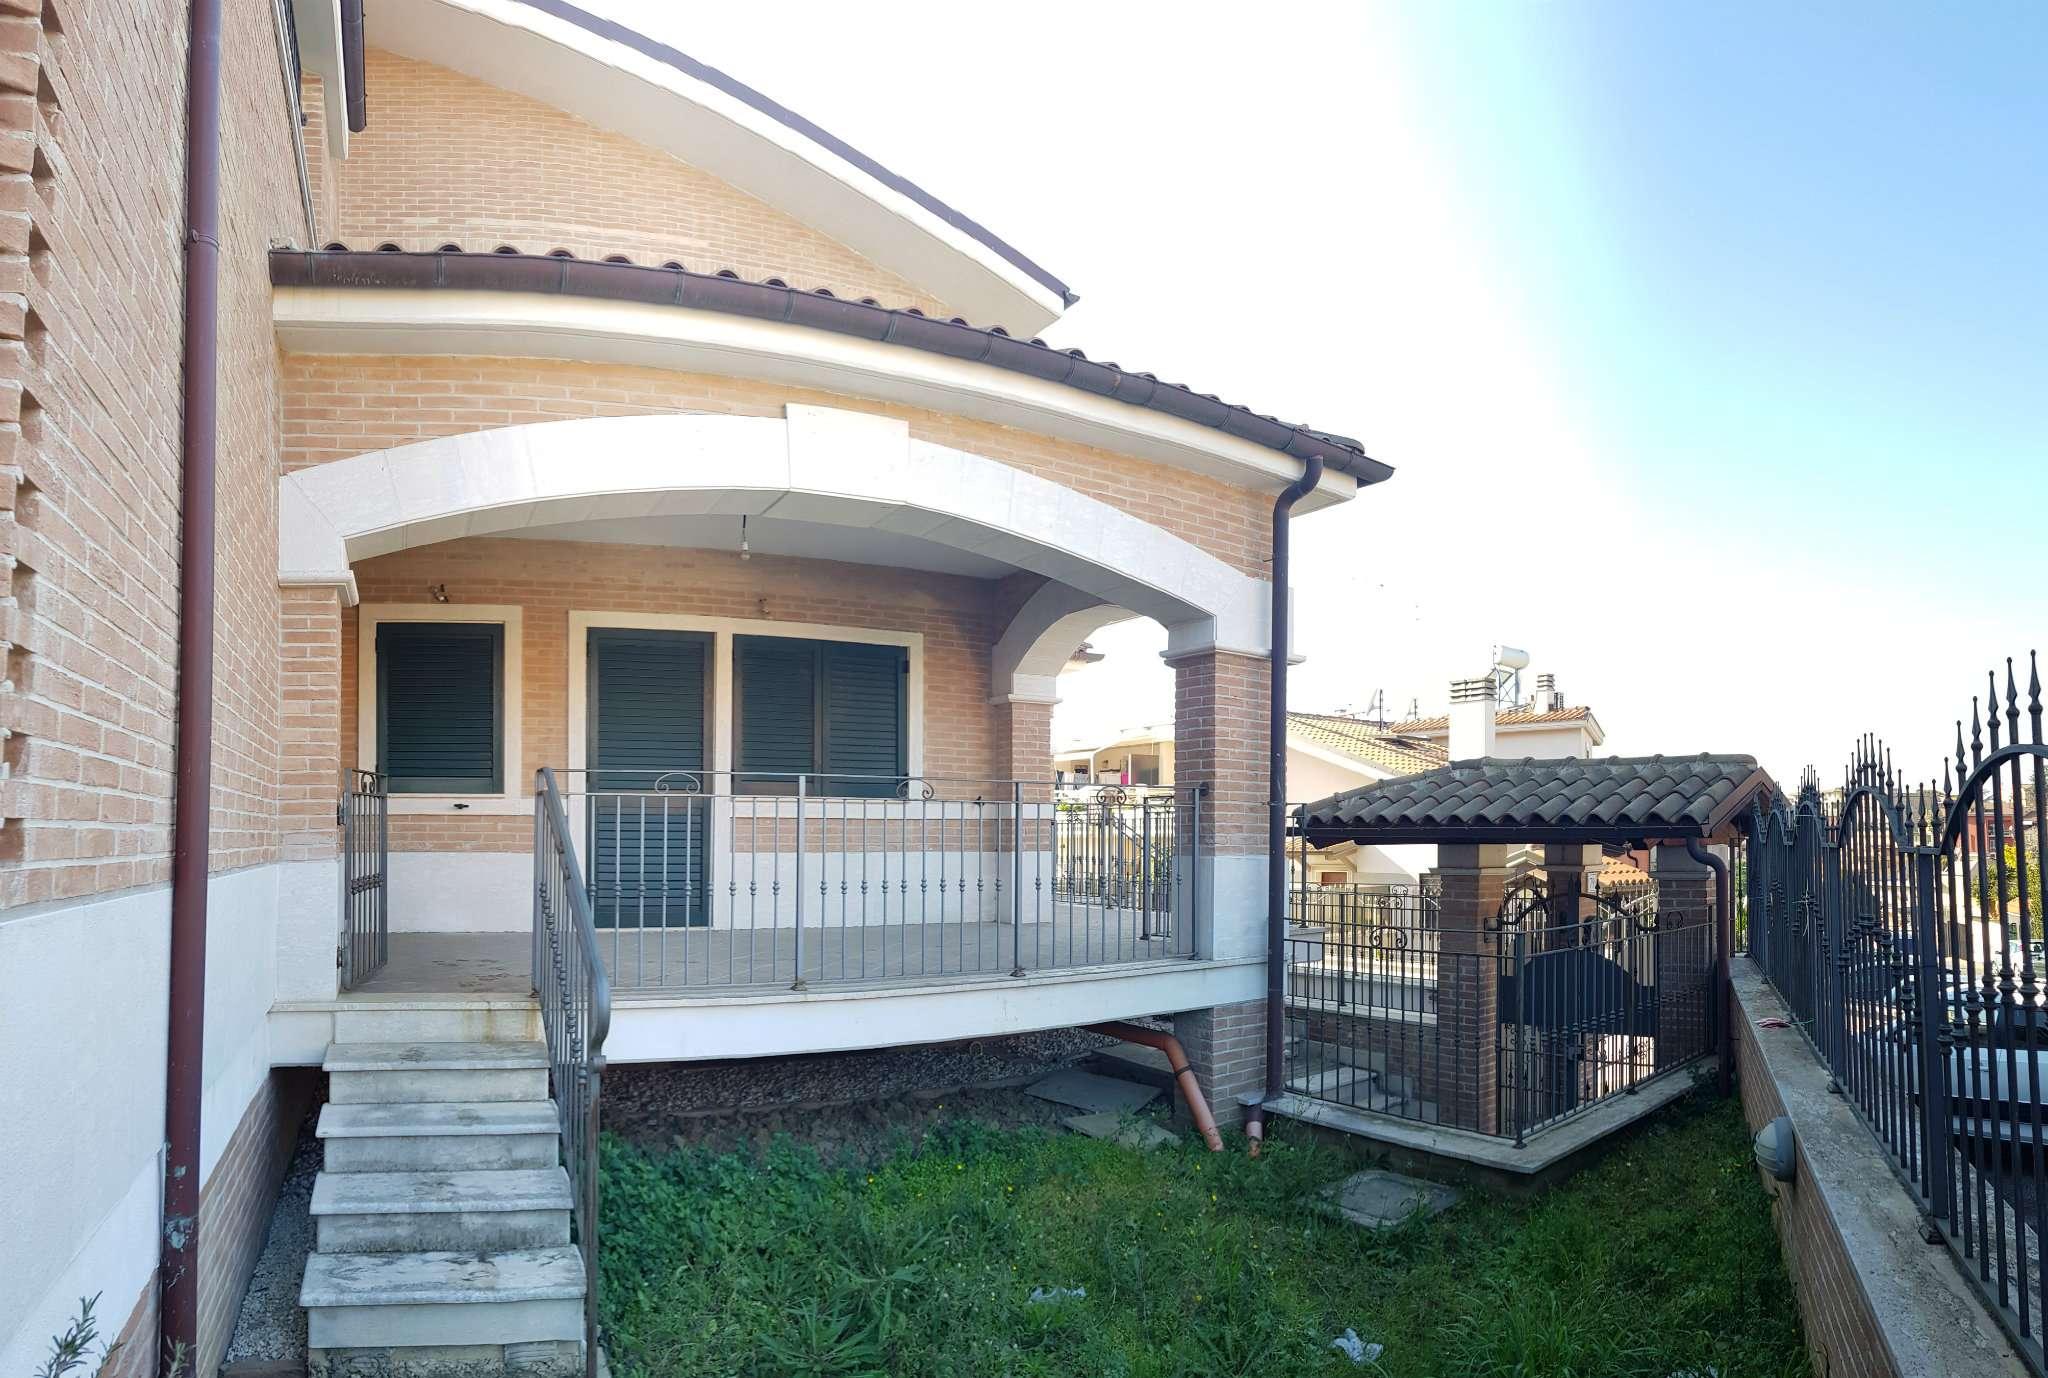 Villa in vendita a Roma, 7 locali, zona Zona: 35 . Setteville - Casalone - Acqua Vergine, prezzo € 390.000 | CambioCasa.it